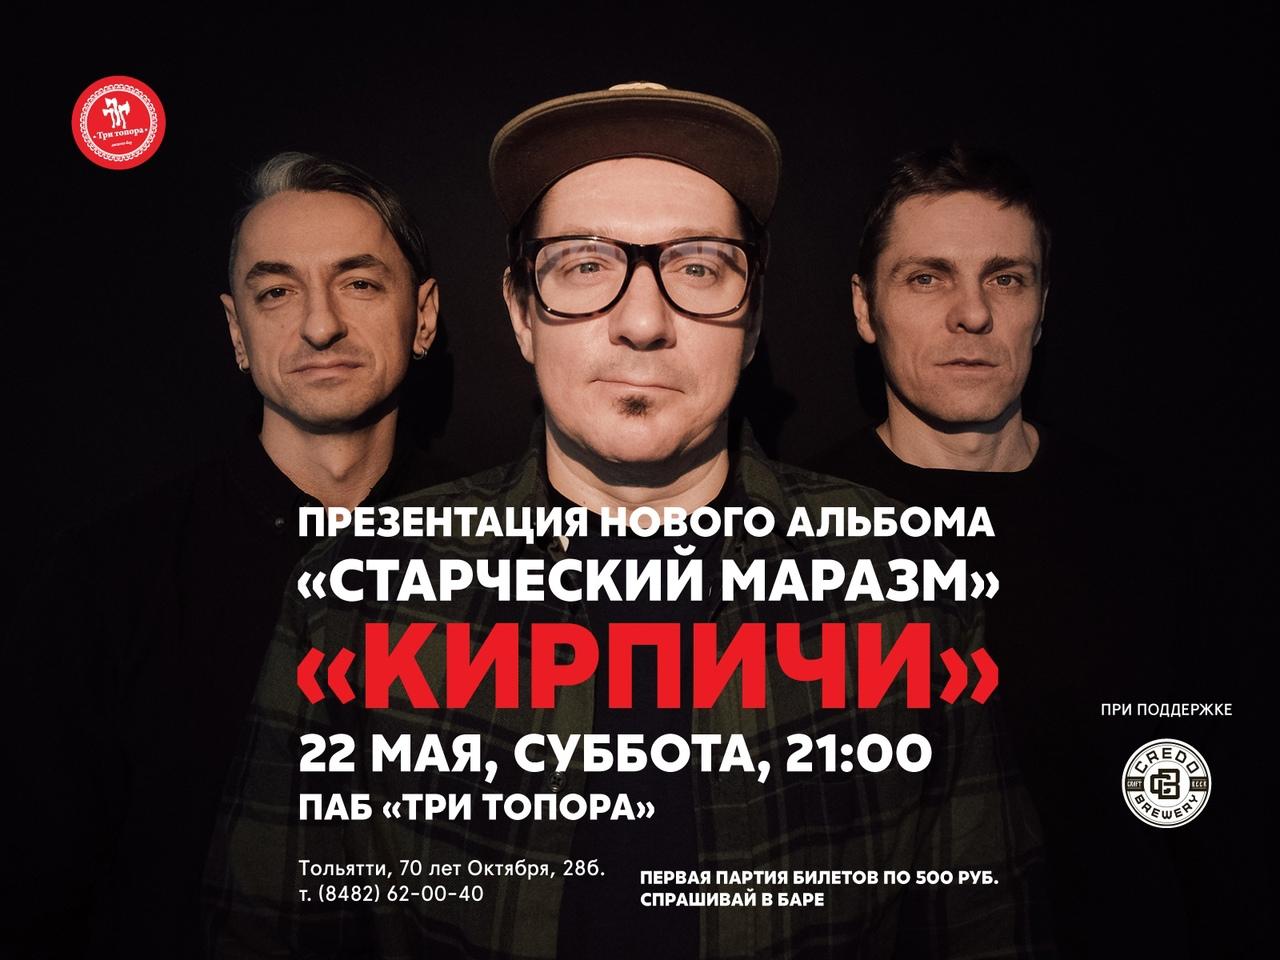 Афиша Тольятти КИРПИЧИ презентация альбома 22 мая в Топорах